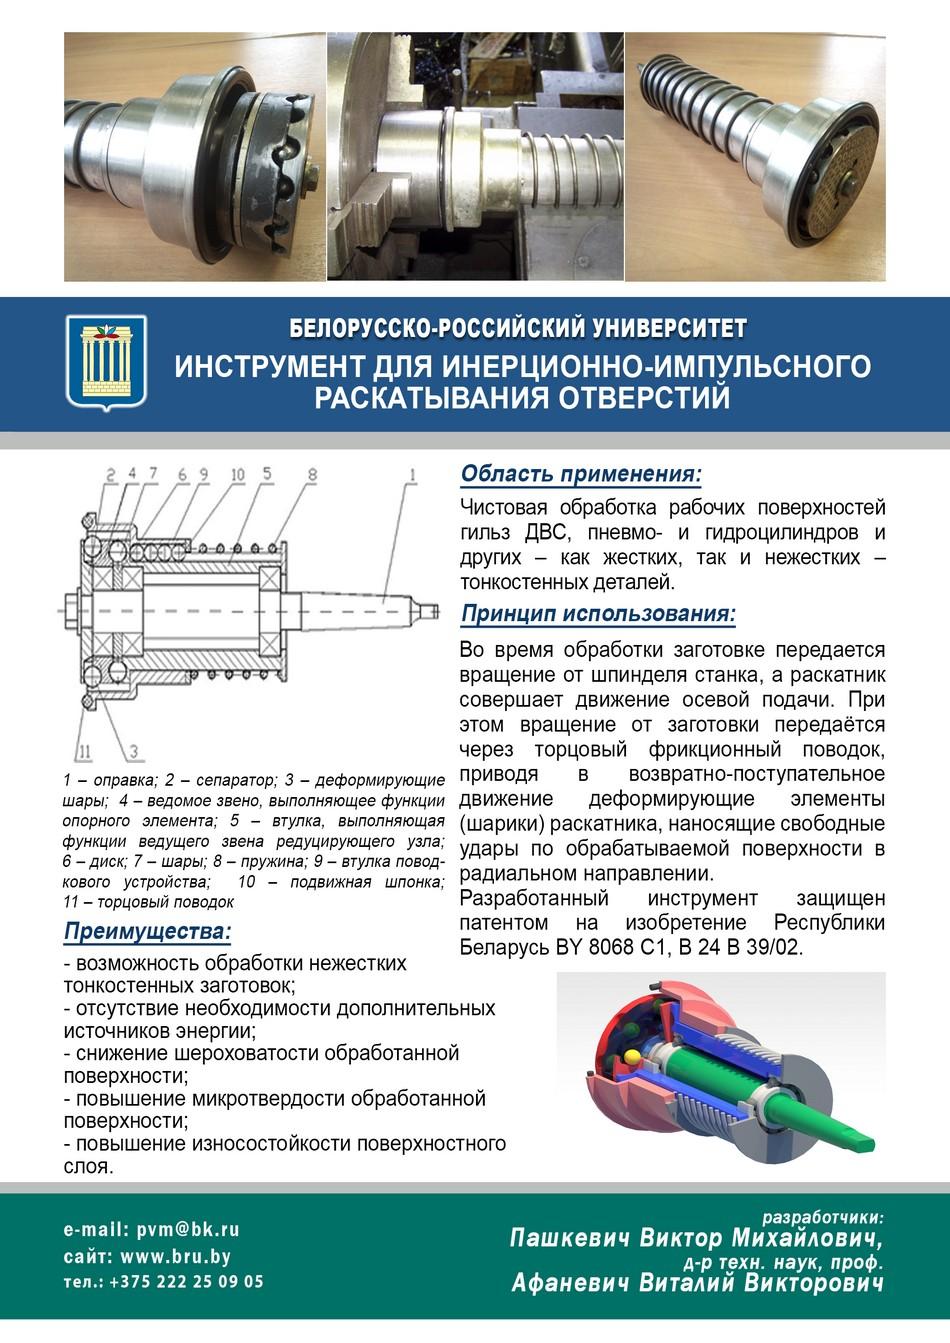 Инструмент для инерционно-импульсного раскатывания отверстий